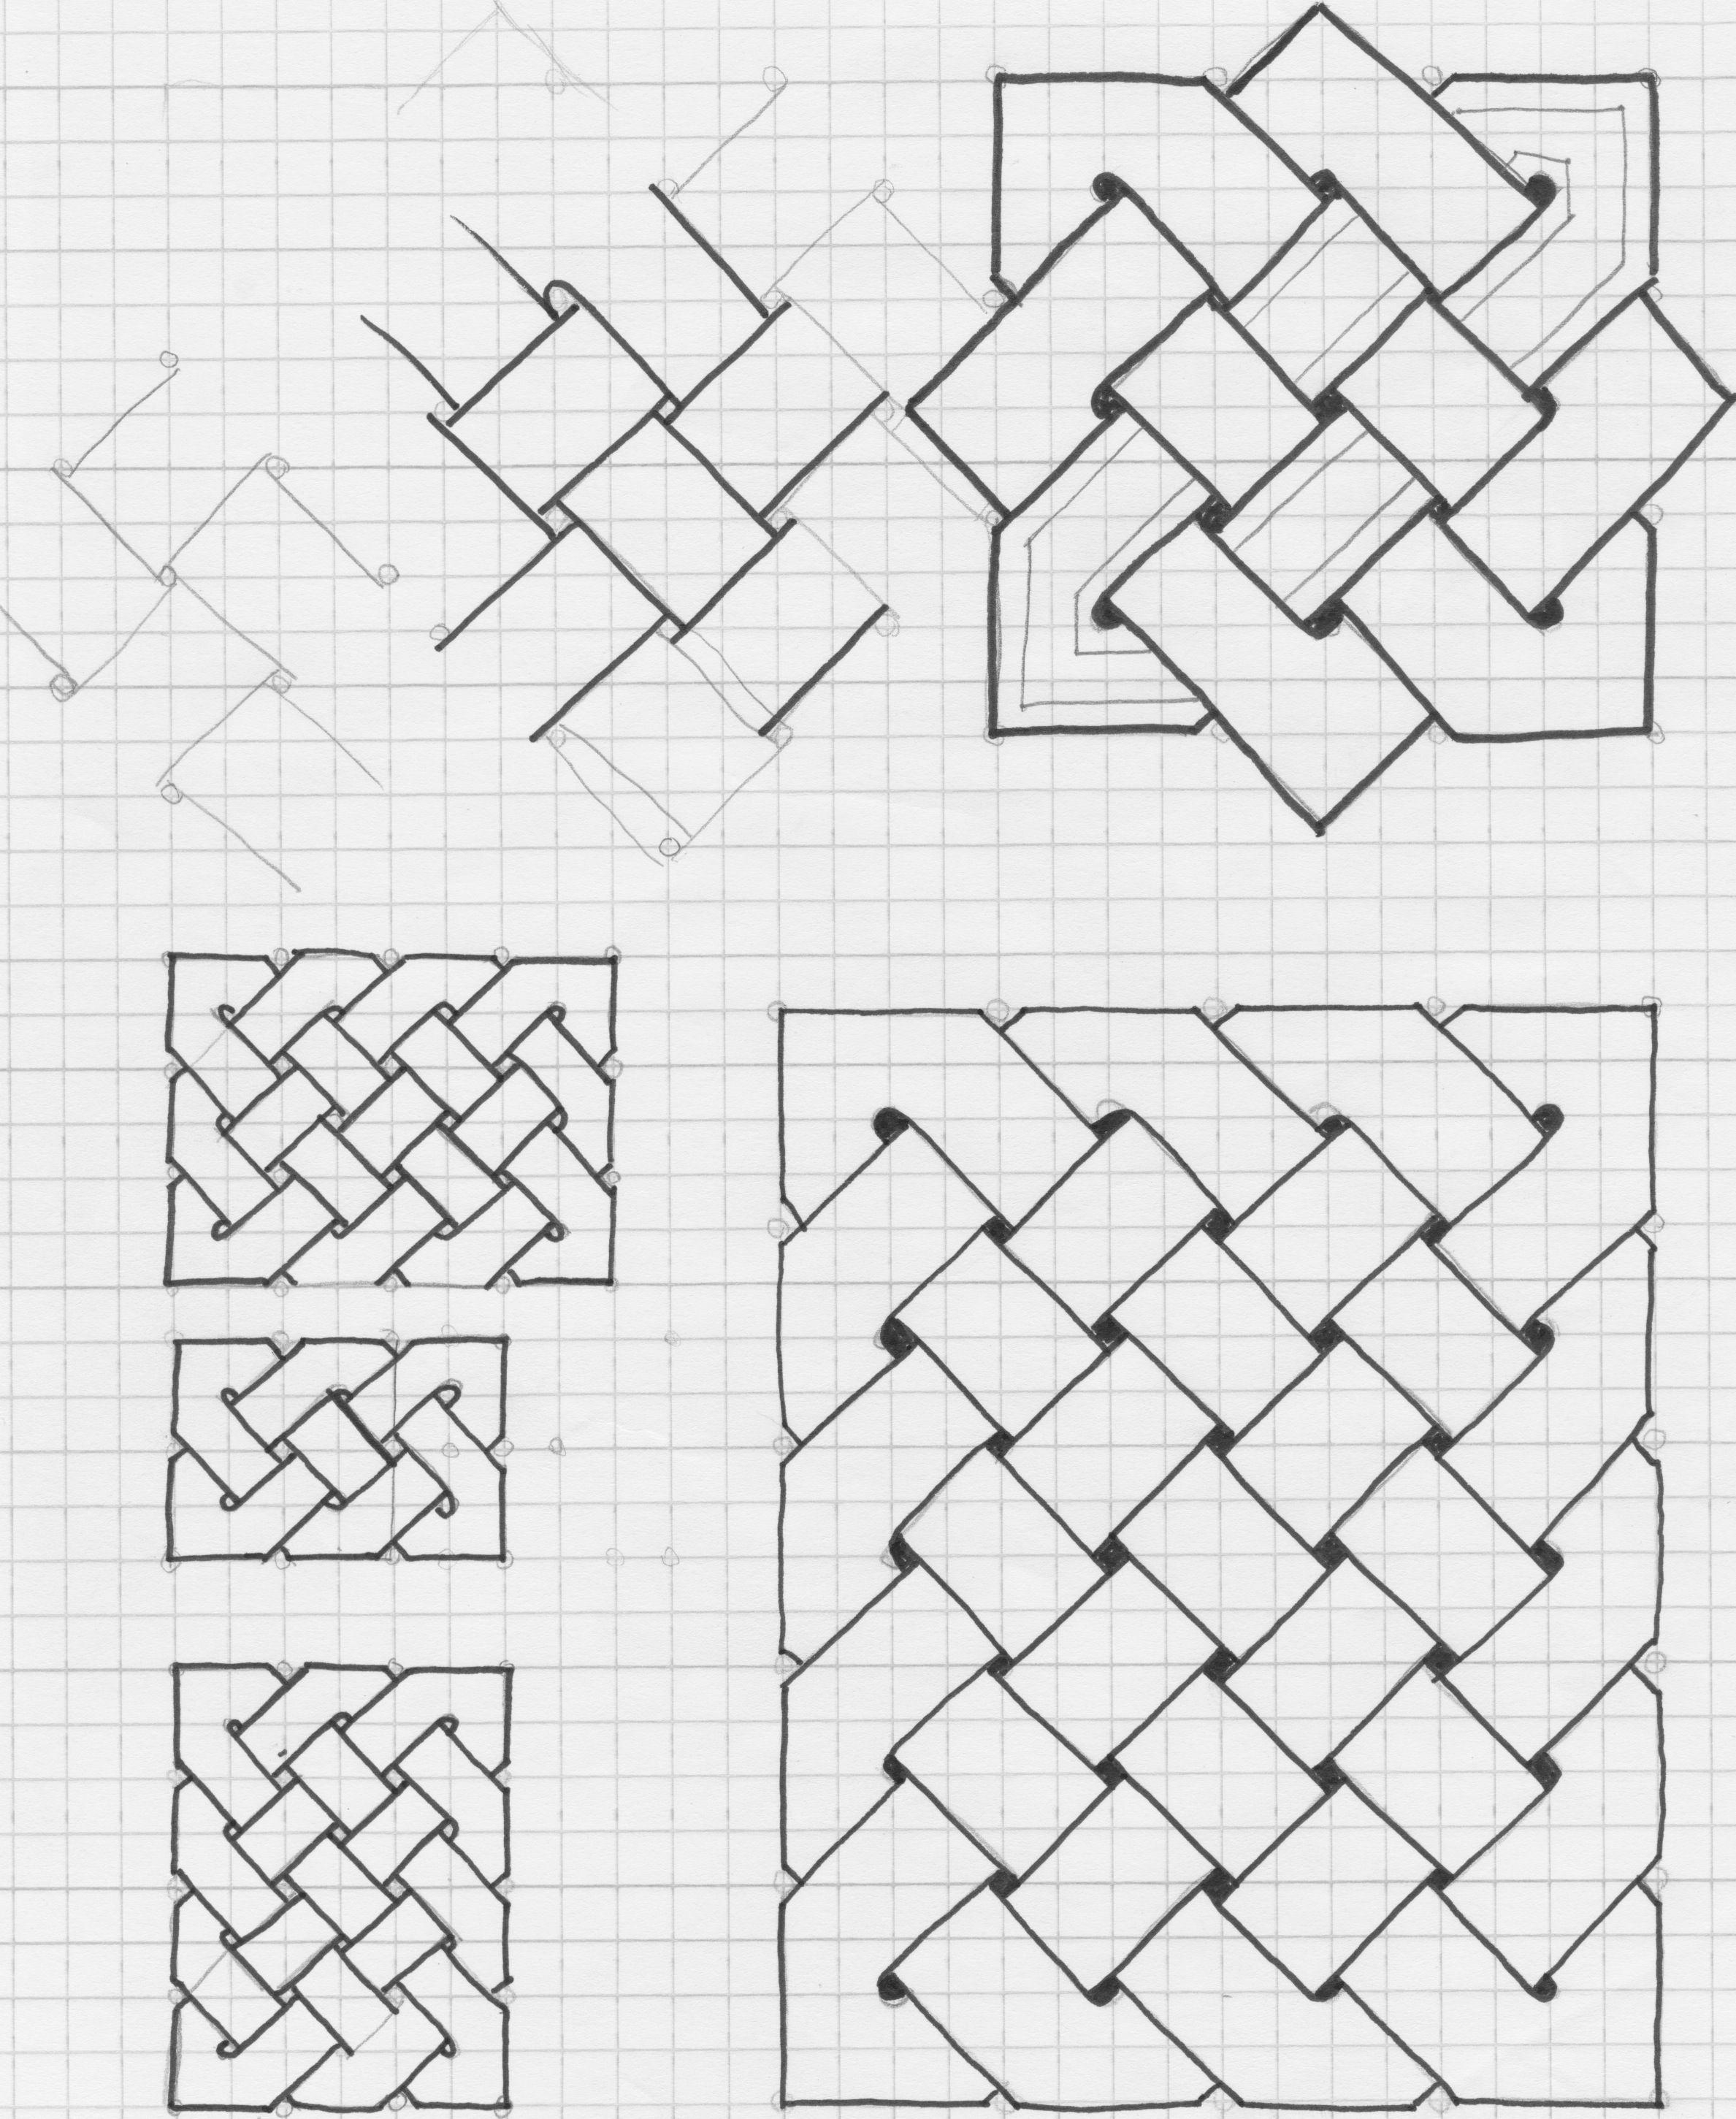 Practice Practice Practice Dibujos En Cuadricula Dibujos En Cuadros Dibujos De Geometria